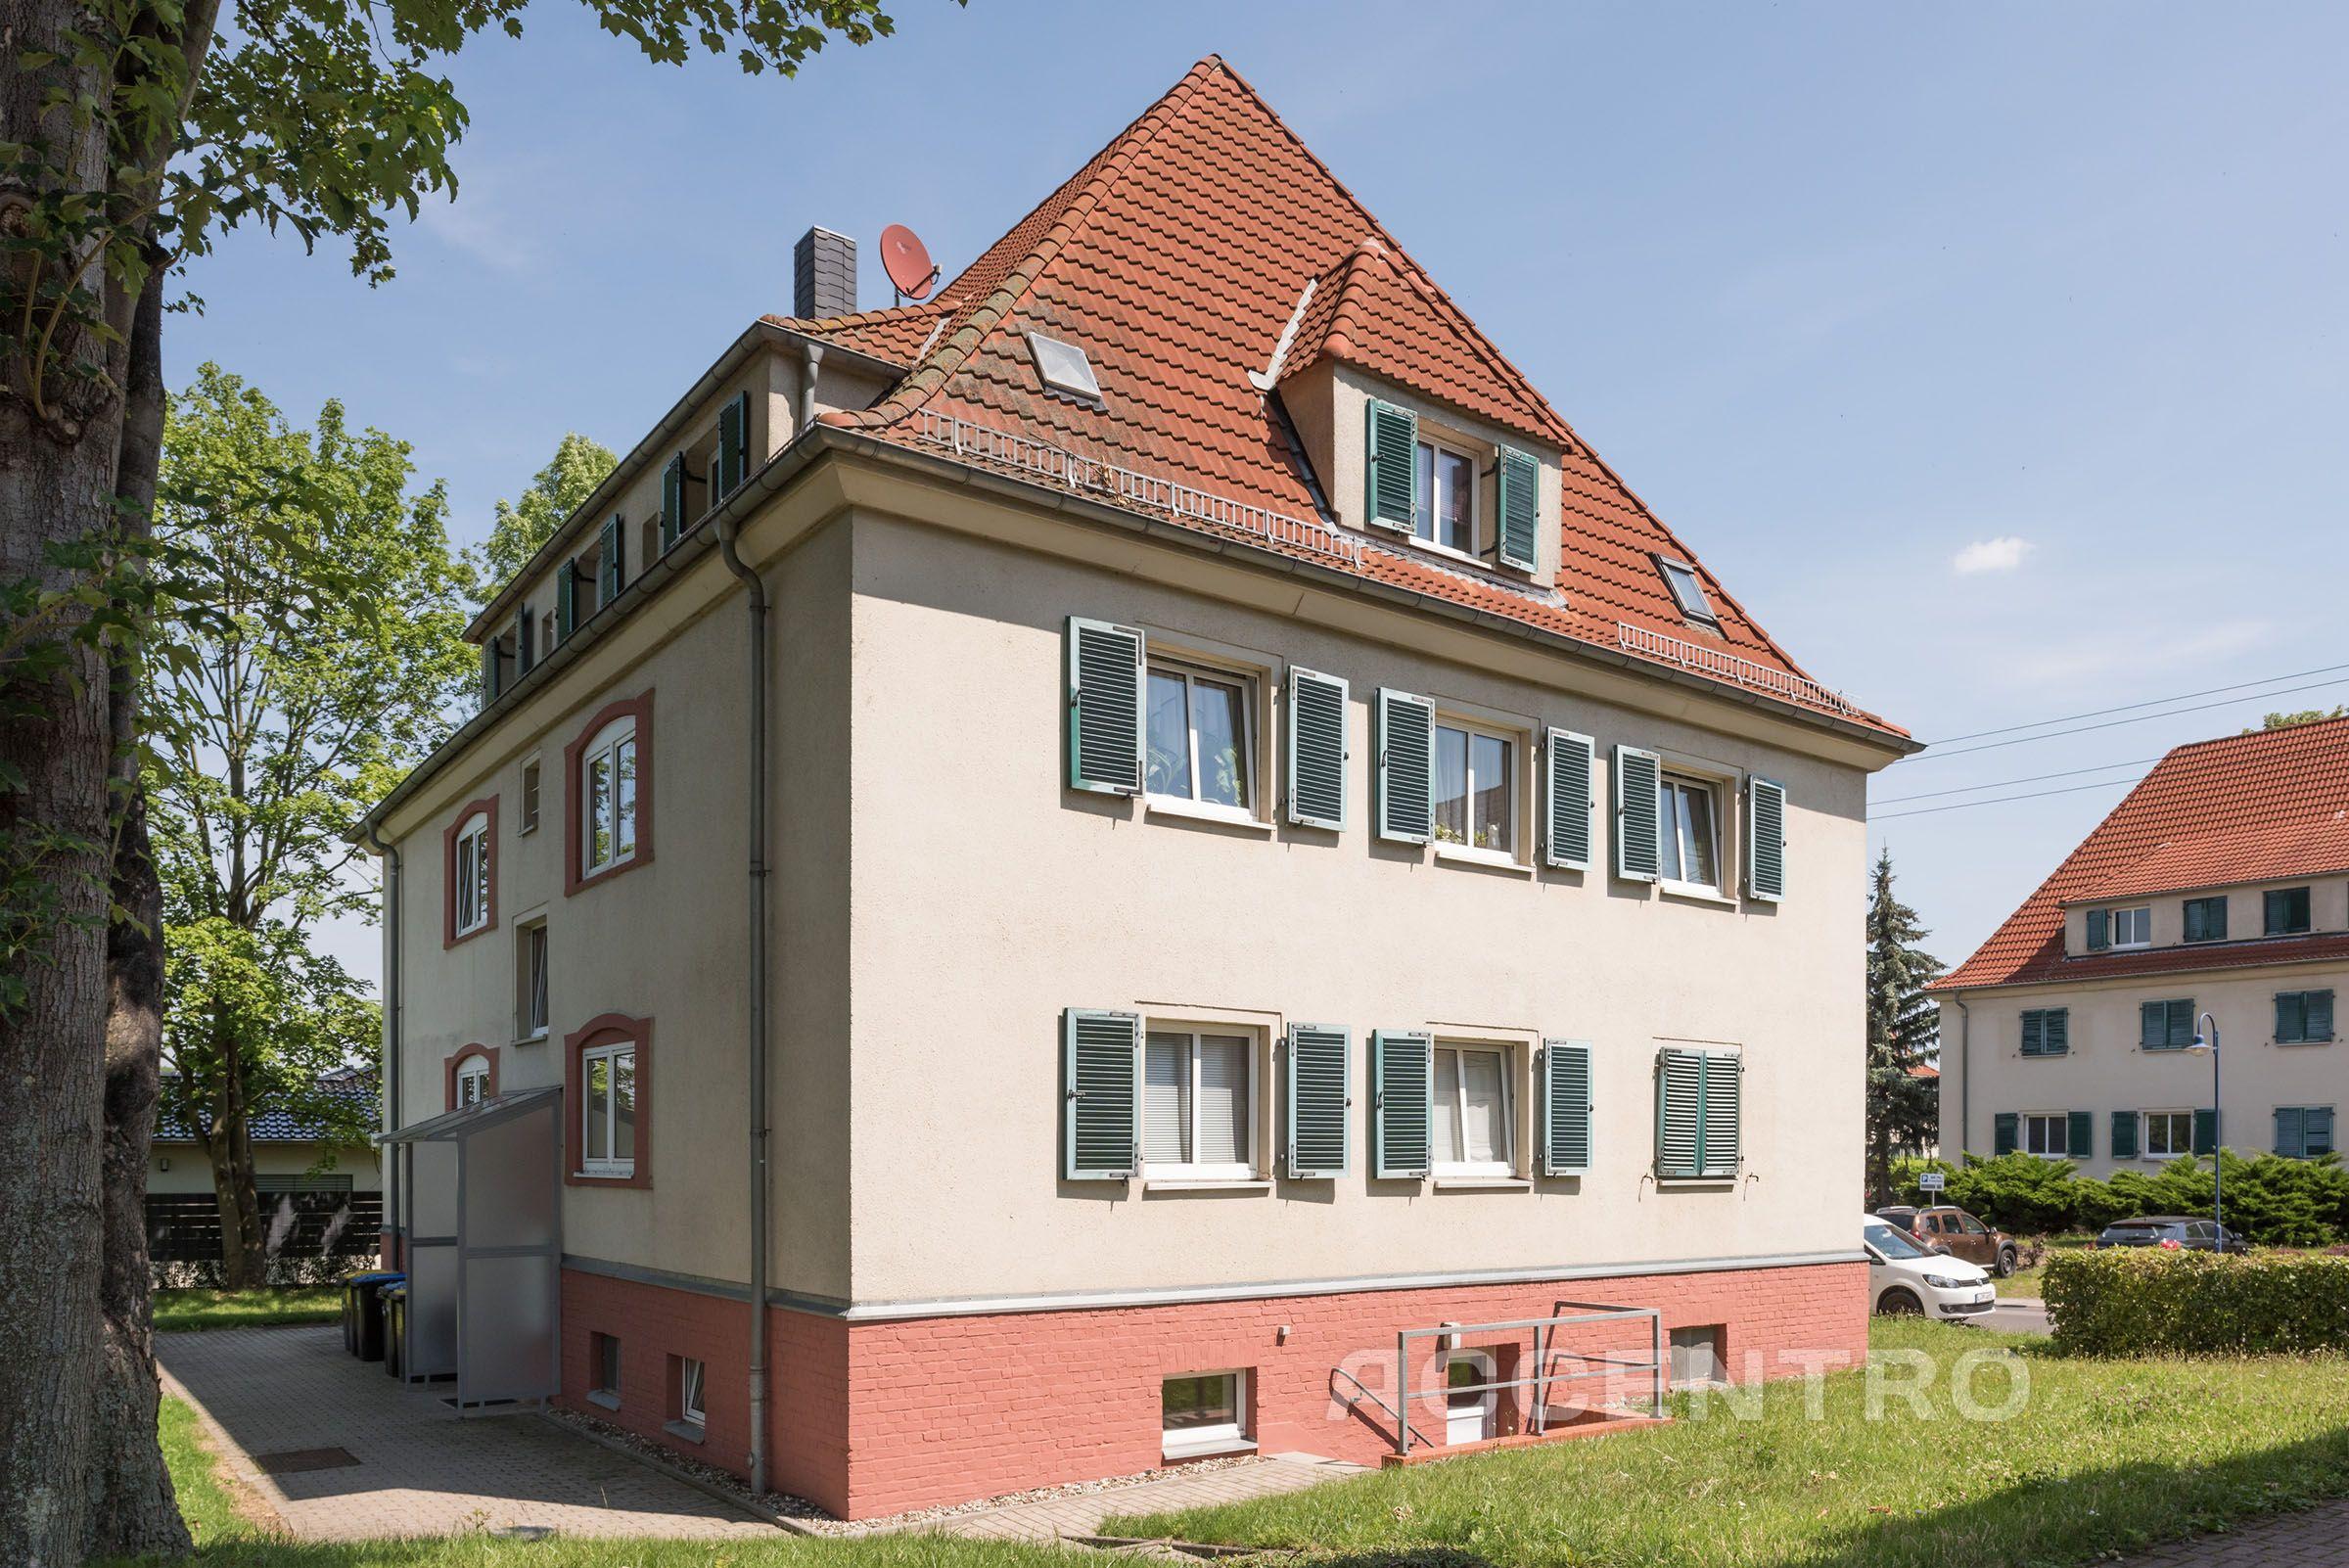 Eigentumswohnungen in der Beethovenstraße in Böhlen bei